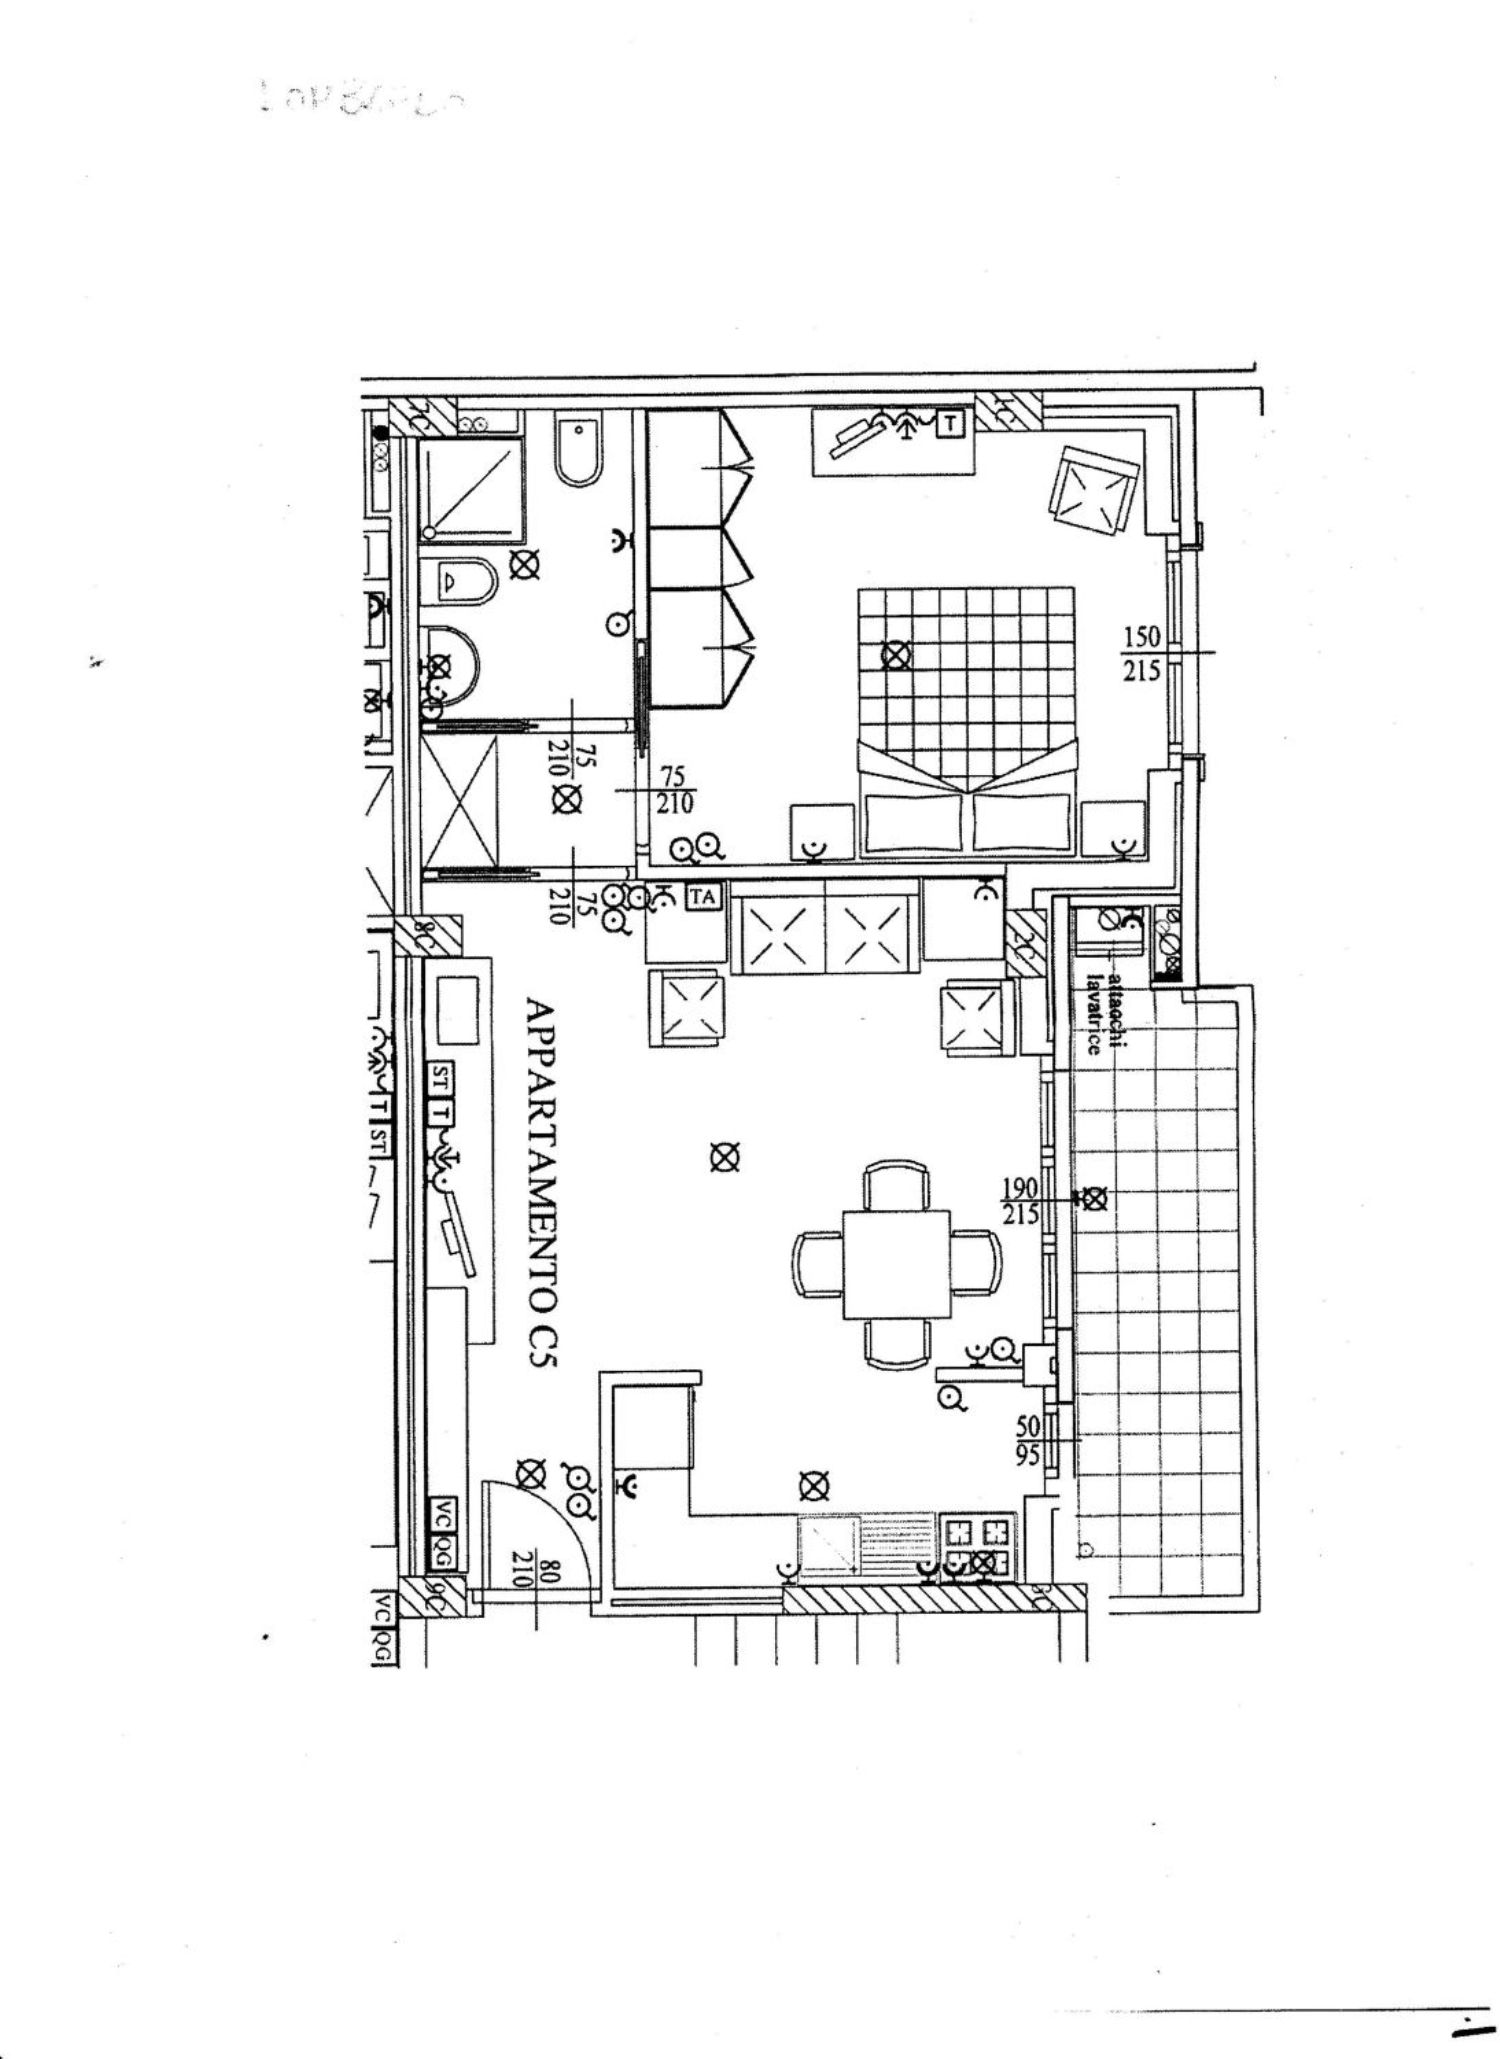 Appartamento in vendita a Velletri, 3 locali, prezzo € 125.000 | Cambio Casa.it